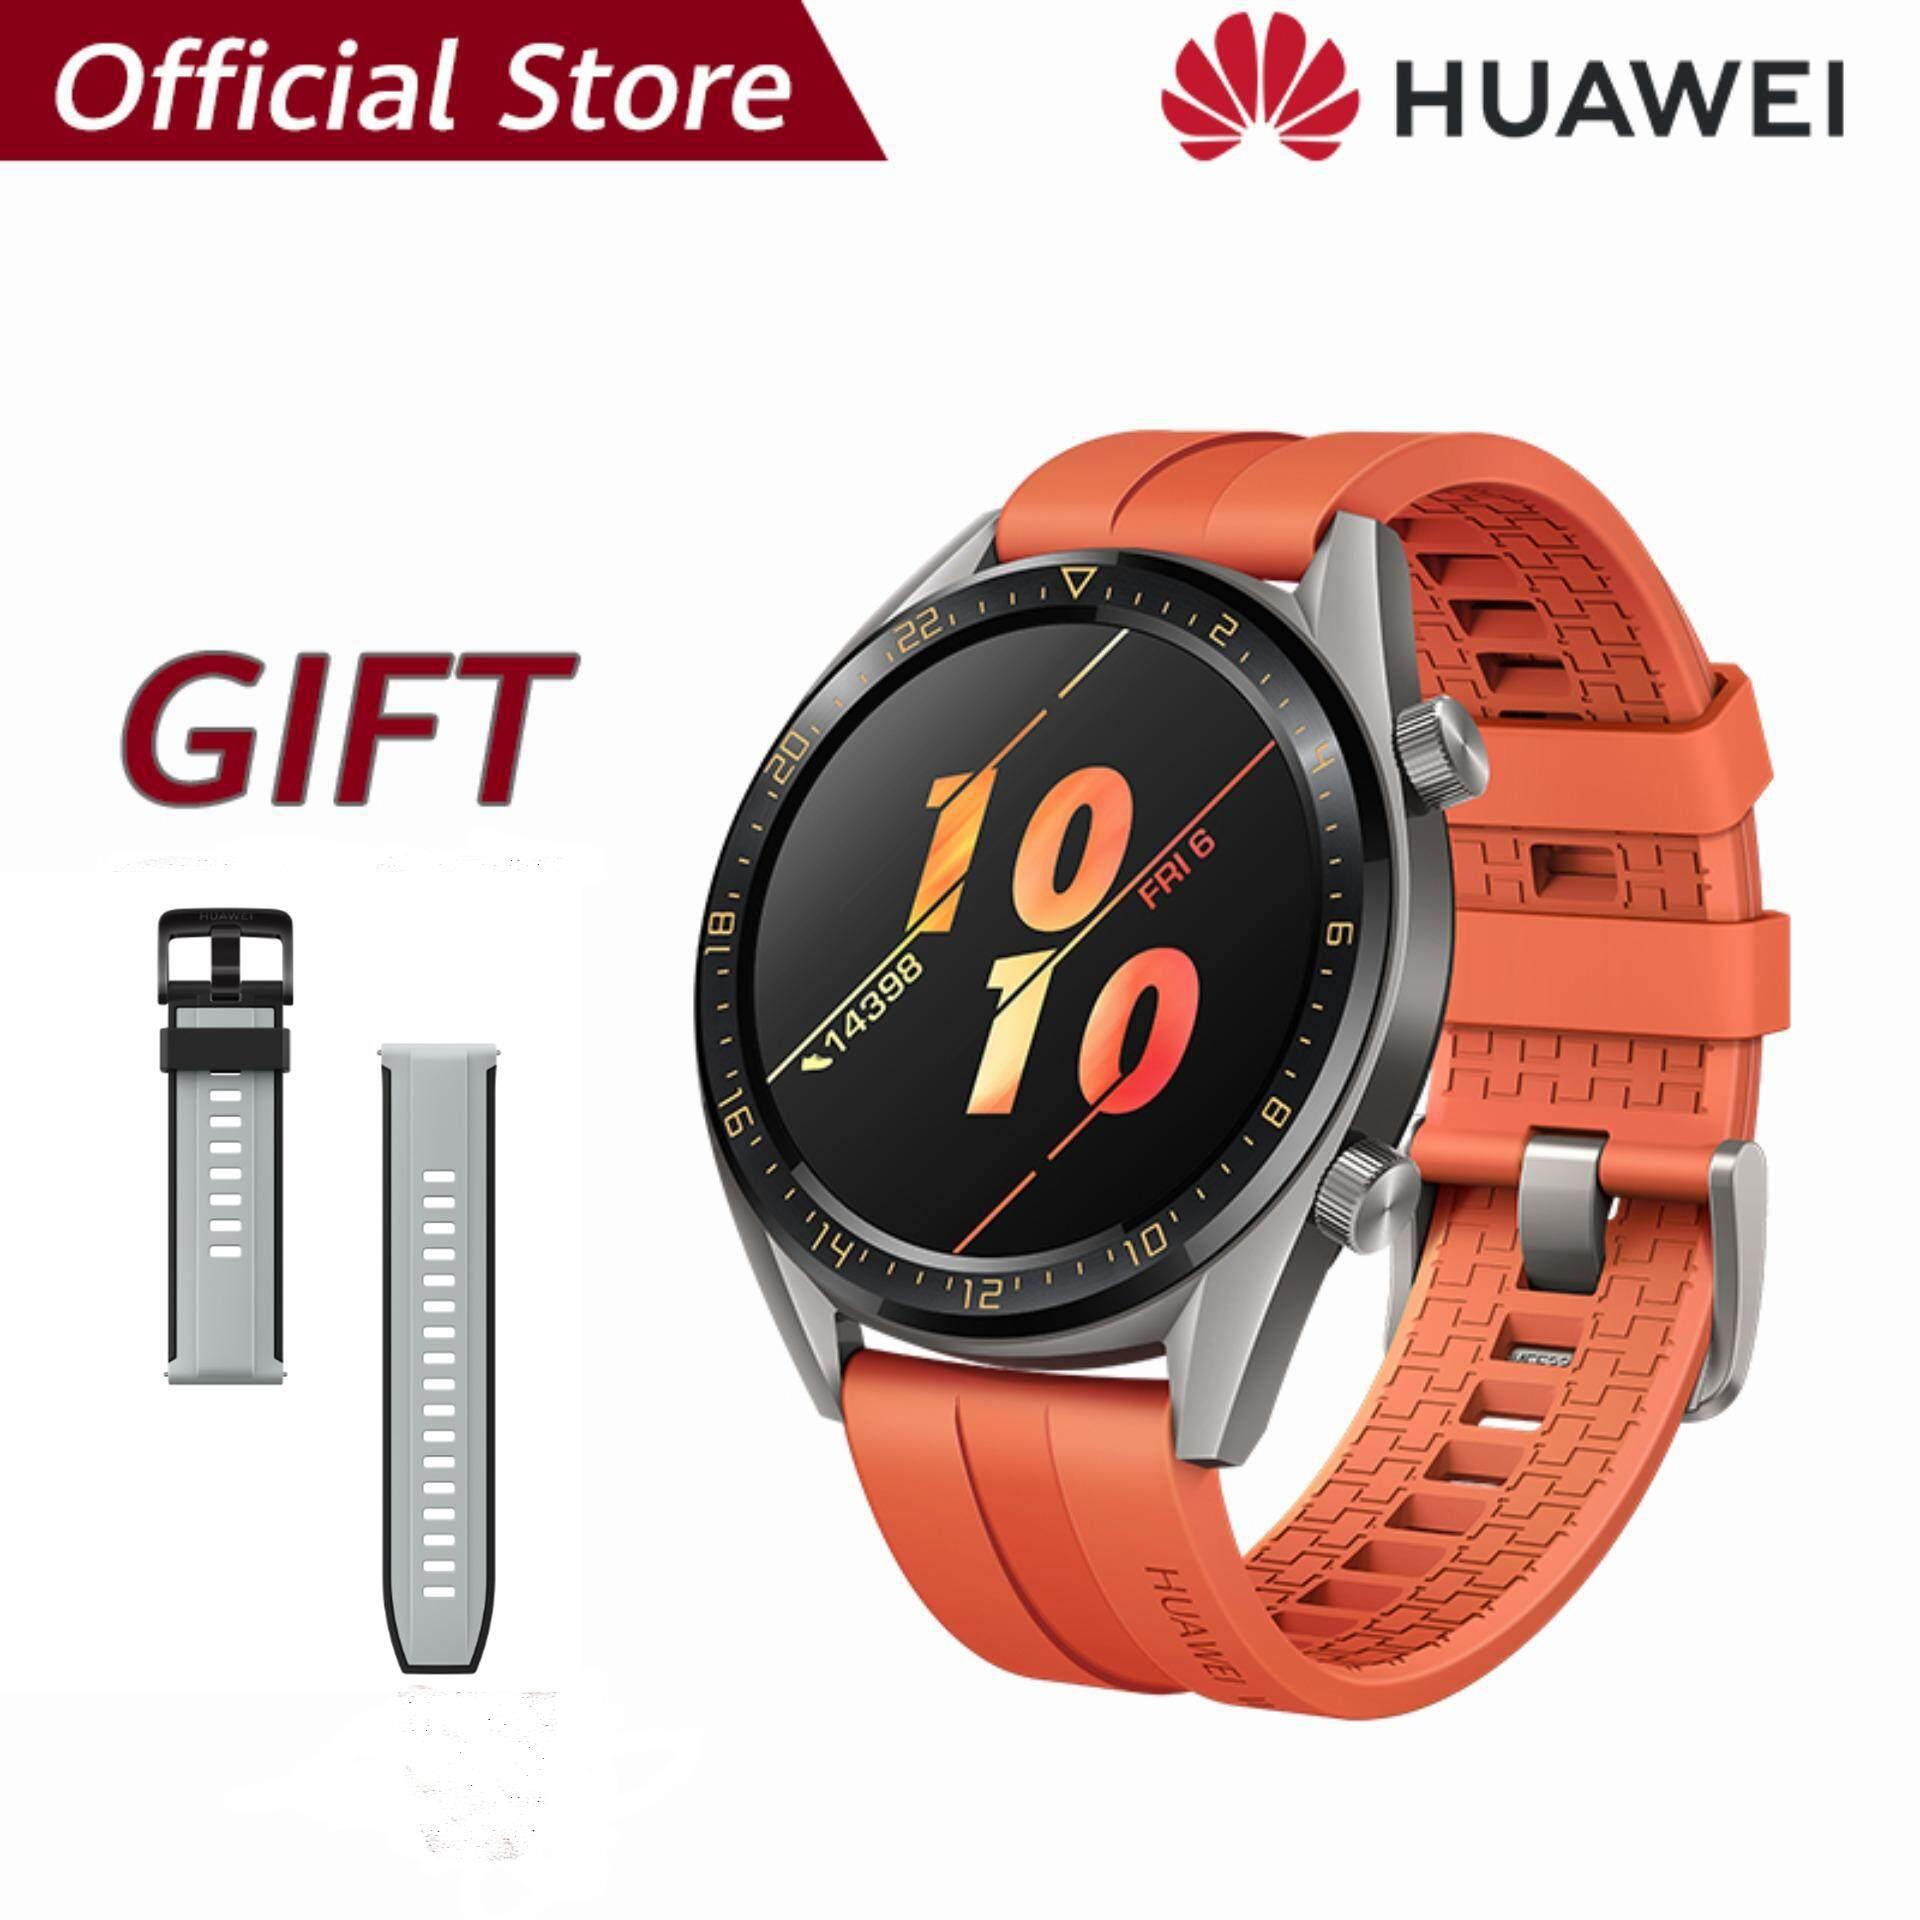 【ผ่อน 0% 10 เดือน】Huawei Watch GT แบตเตอรี่ที่แข็งแกร่ง*รับของแถม Huawei strap(Black)